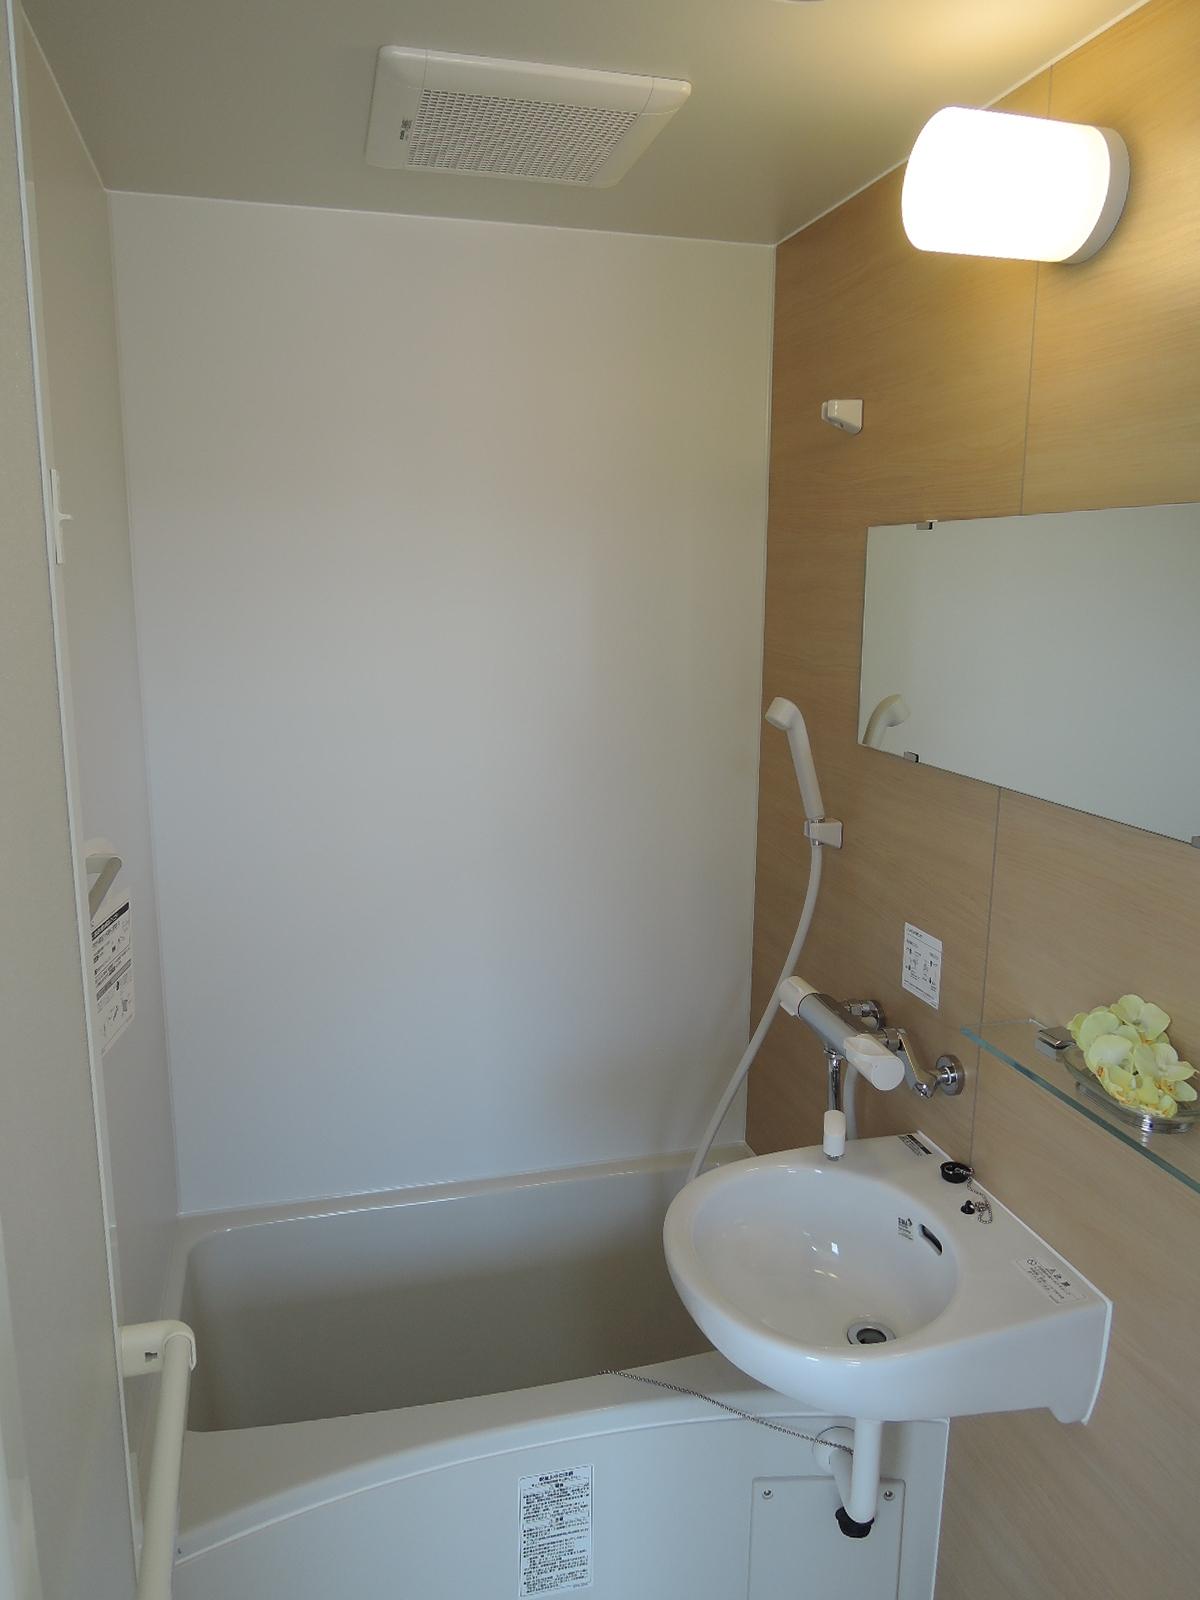 洗面器と横長の大きな鏡付きのバスルーム